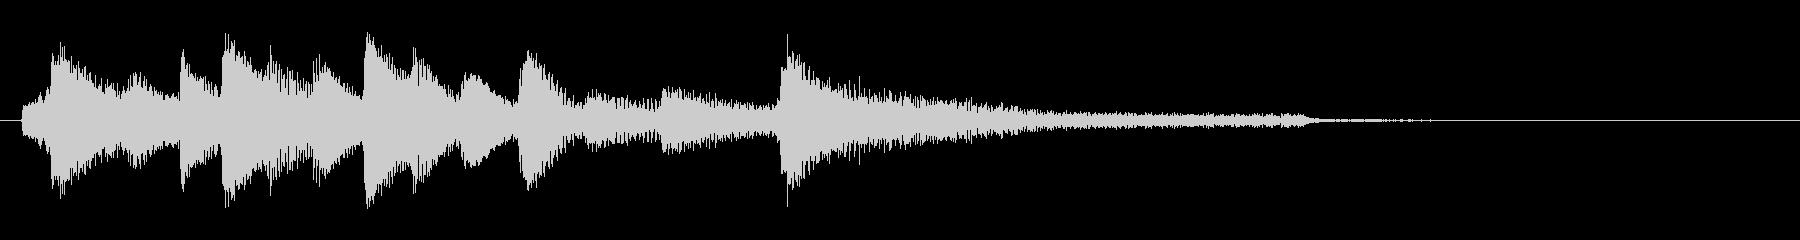 和風ピアノサウンドロゴ_ジングル6秒の未再生の波形